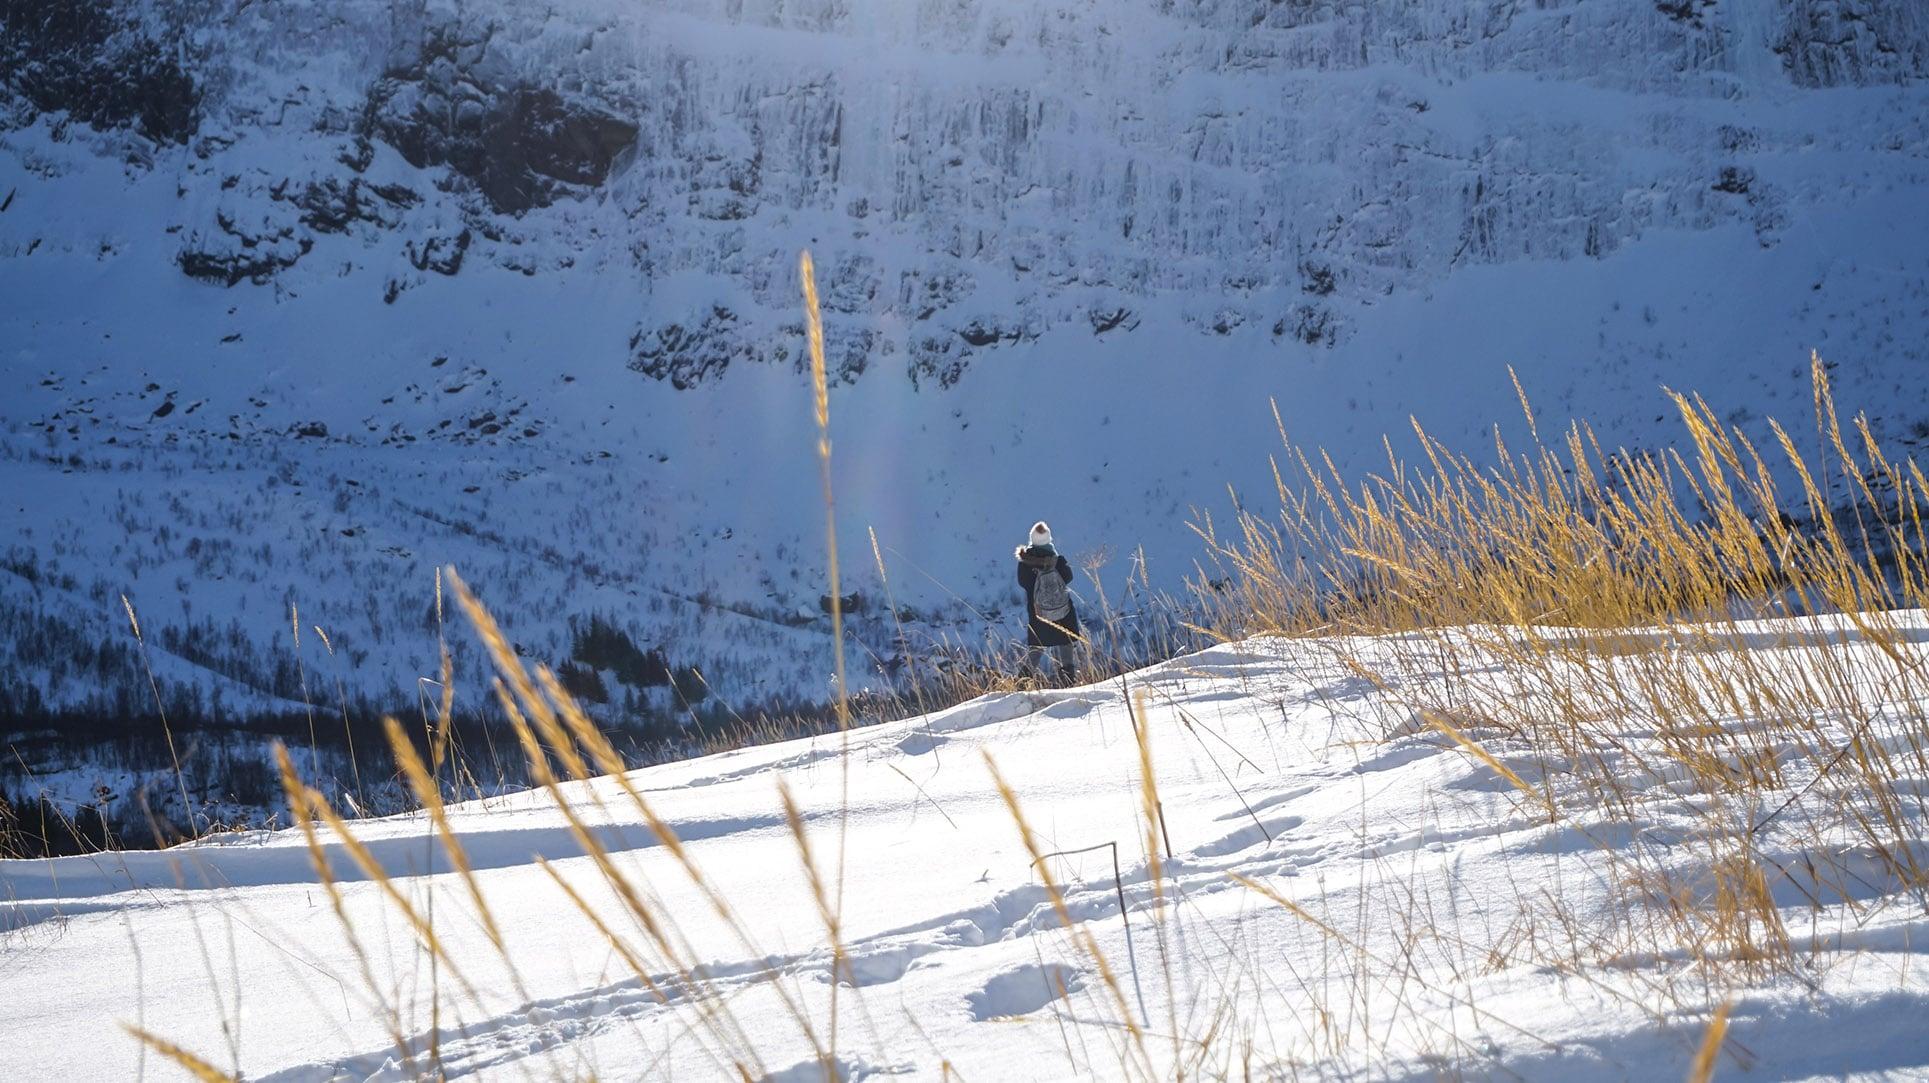 Mefjordvaer mer montagne  épis de blé Norvège en hiver